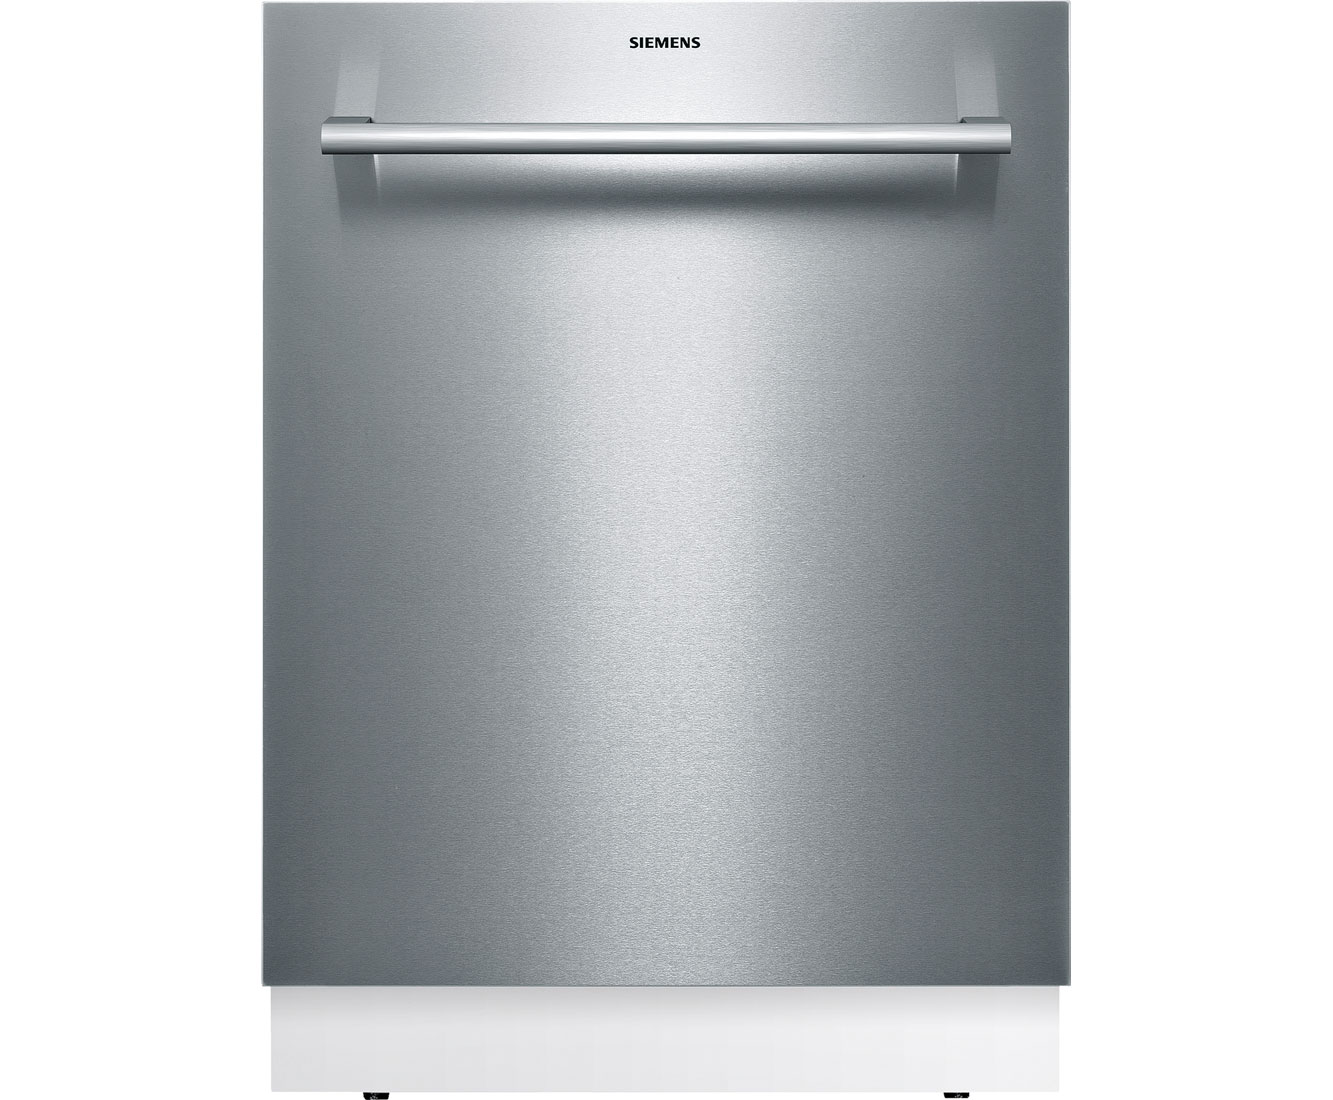 Aeg Kühlschrank Unterbau Integrierbar : Unterbau kühlschrank integrierbar preisvergleich u2022 die besten